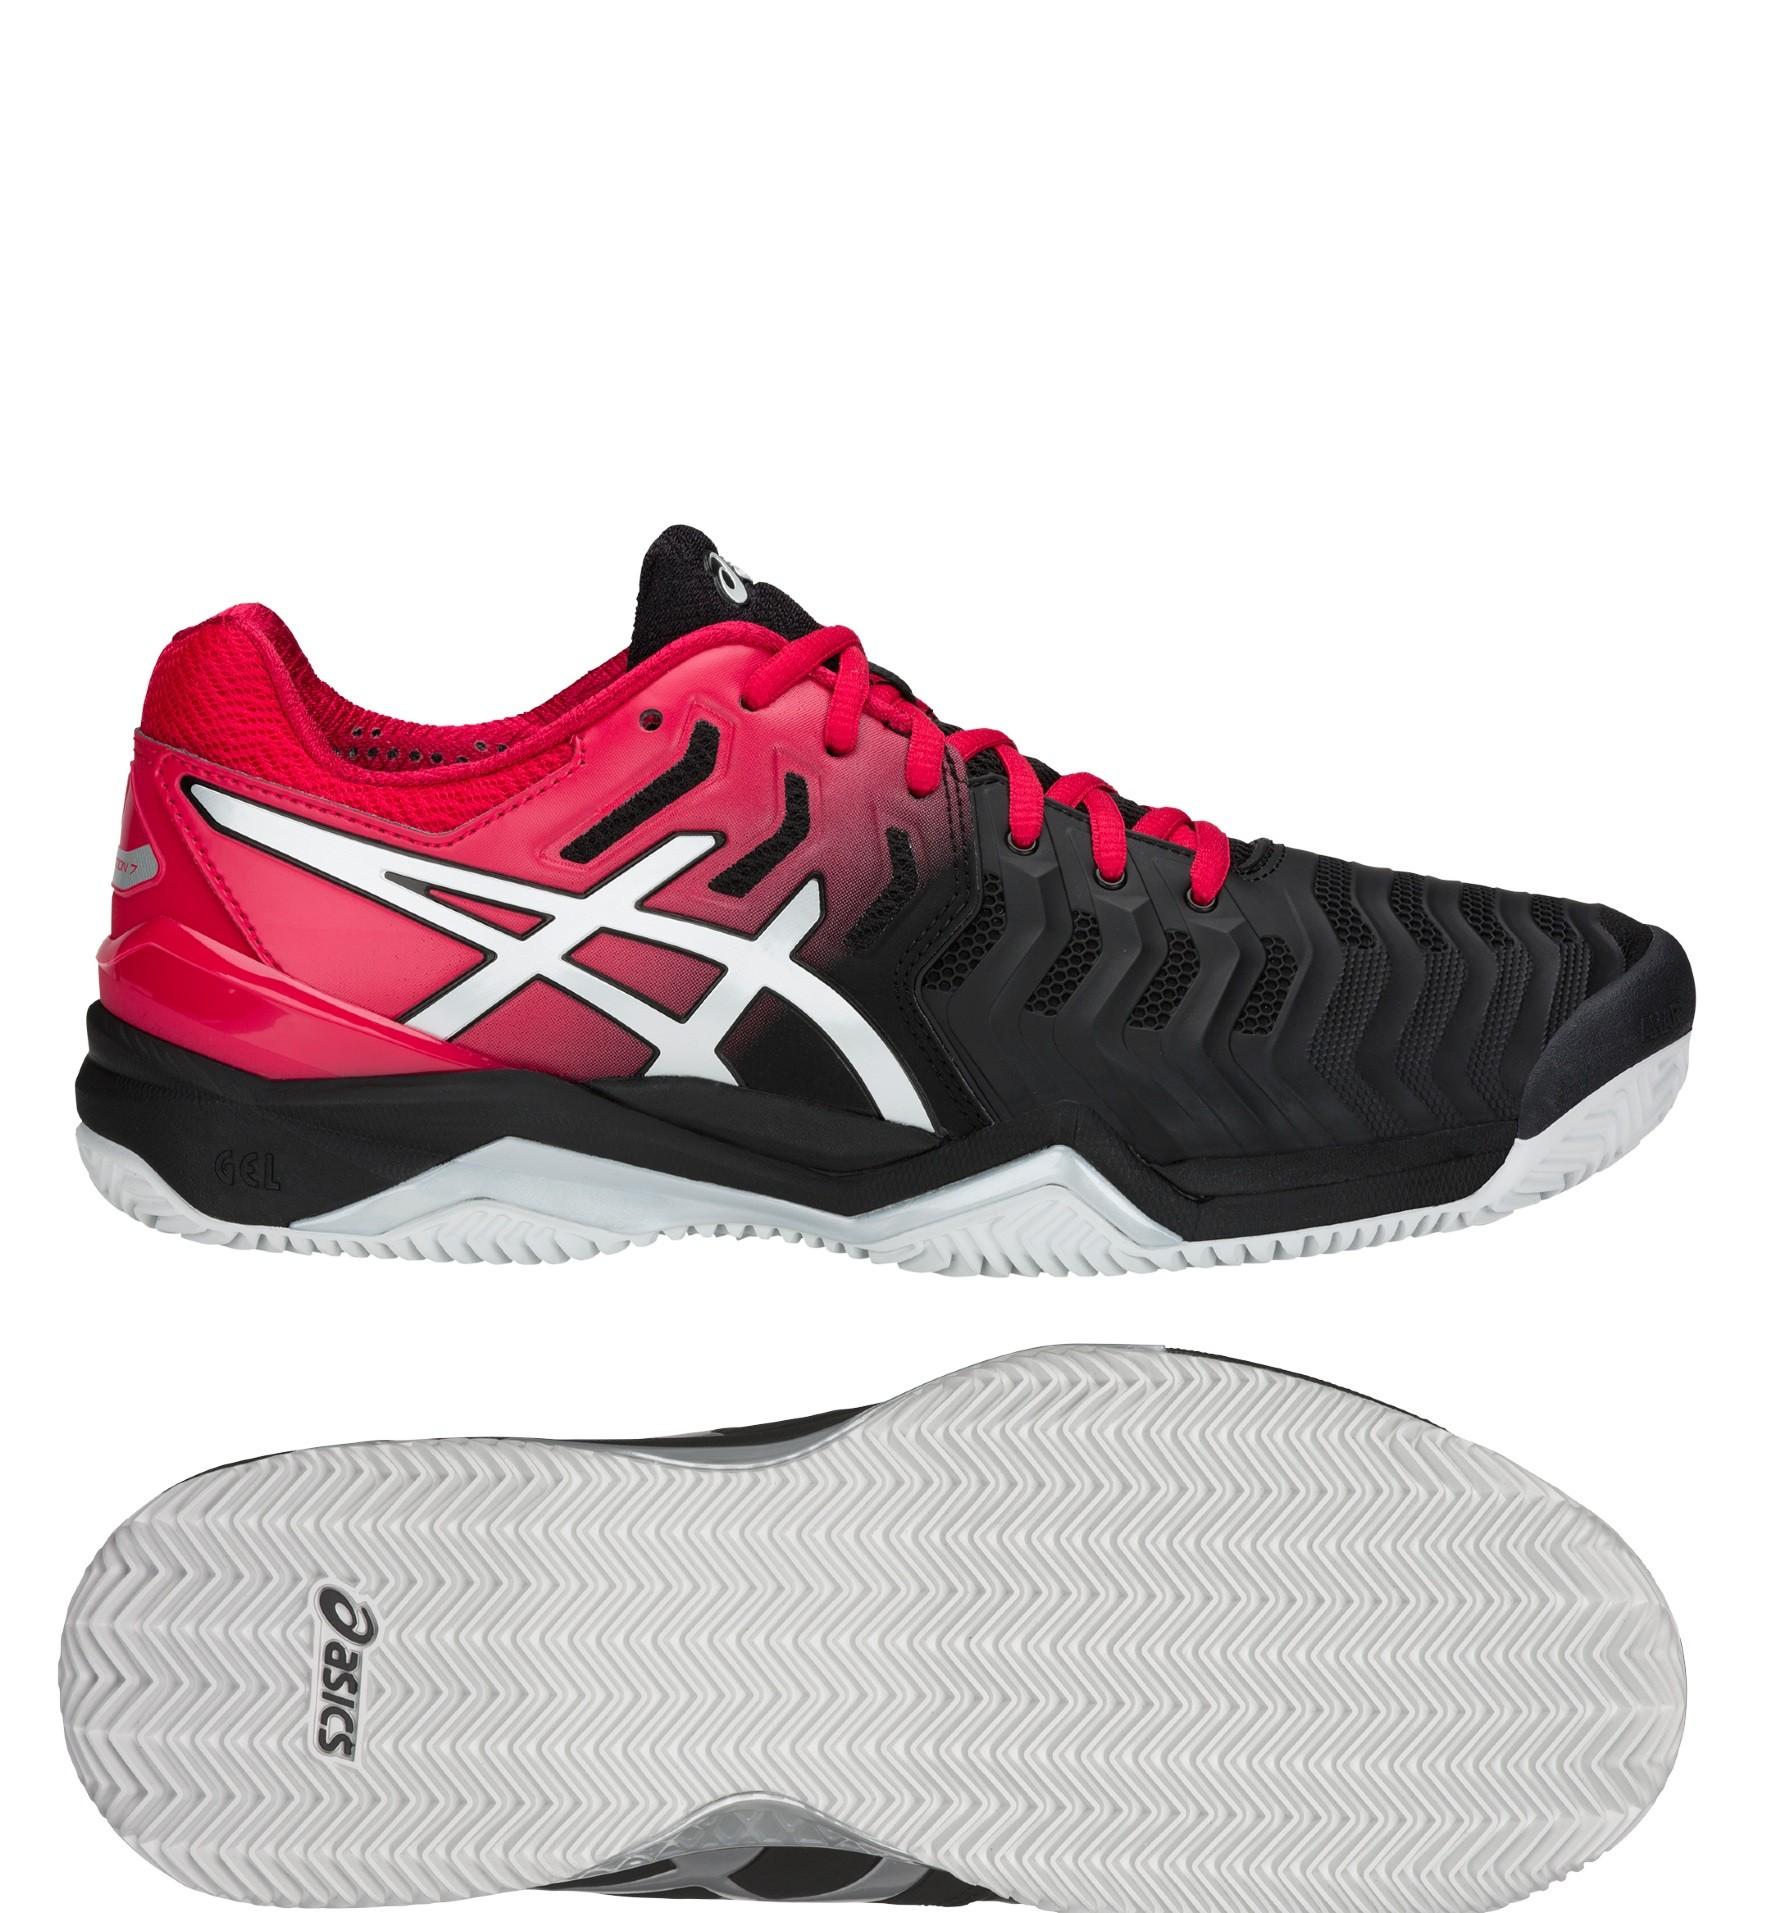 cafc0e4d6d8 Tenisová obuv Asics Gel Resolution 7 Clay E702Y-001 černo-červené